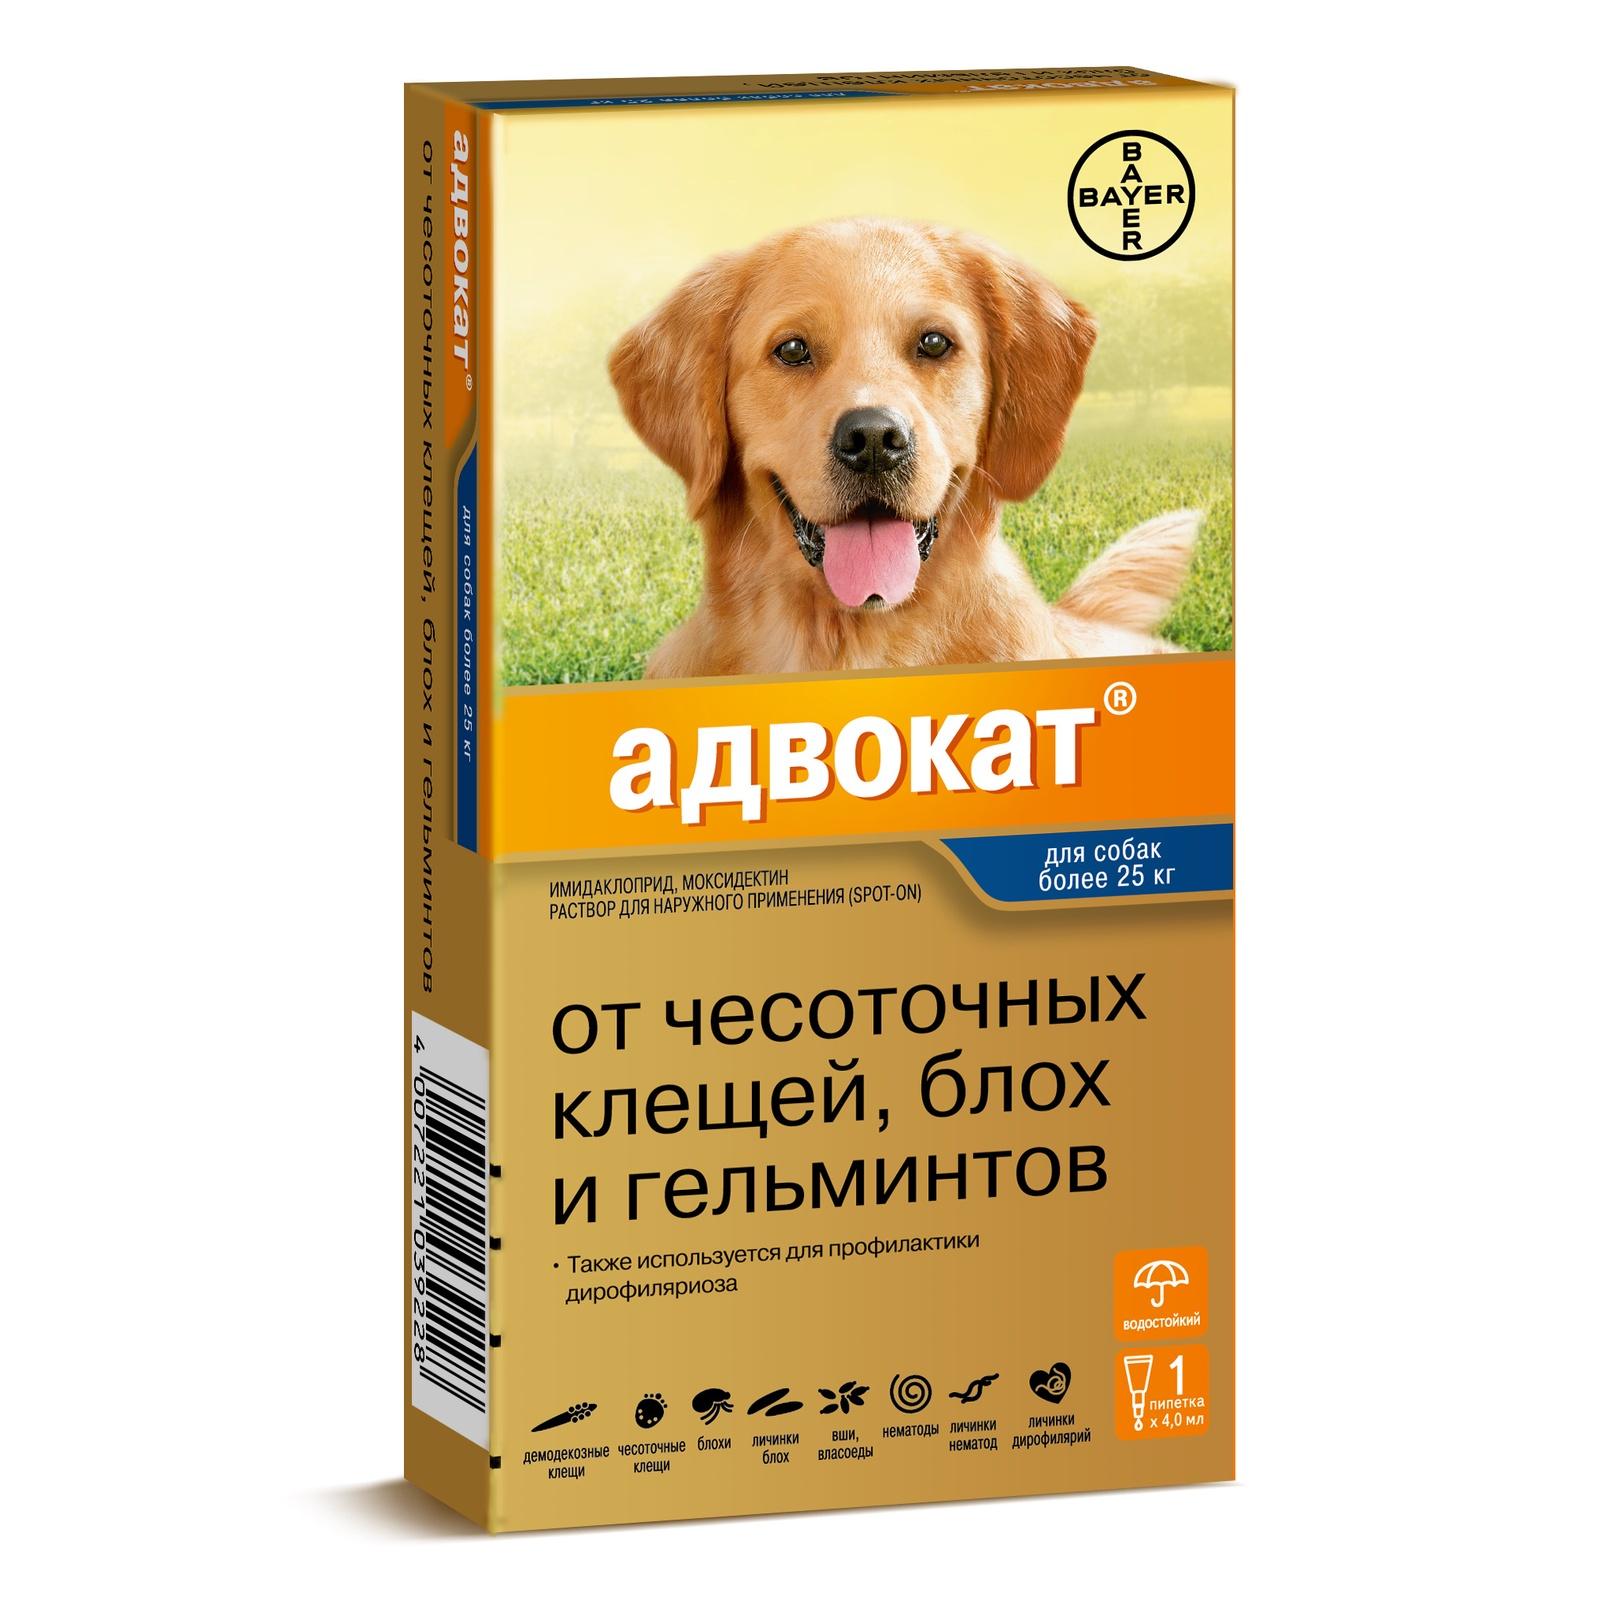 Bayer Golden Line Адвокат 400 для щенков и собак от клещей,блох,глистов (масса более 25 кг) (1 пипетка)